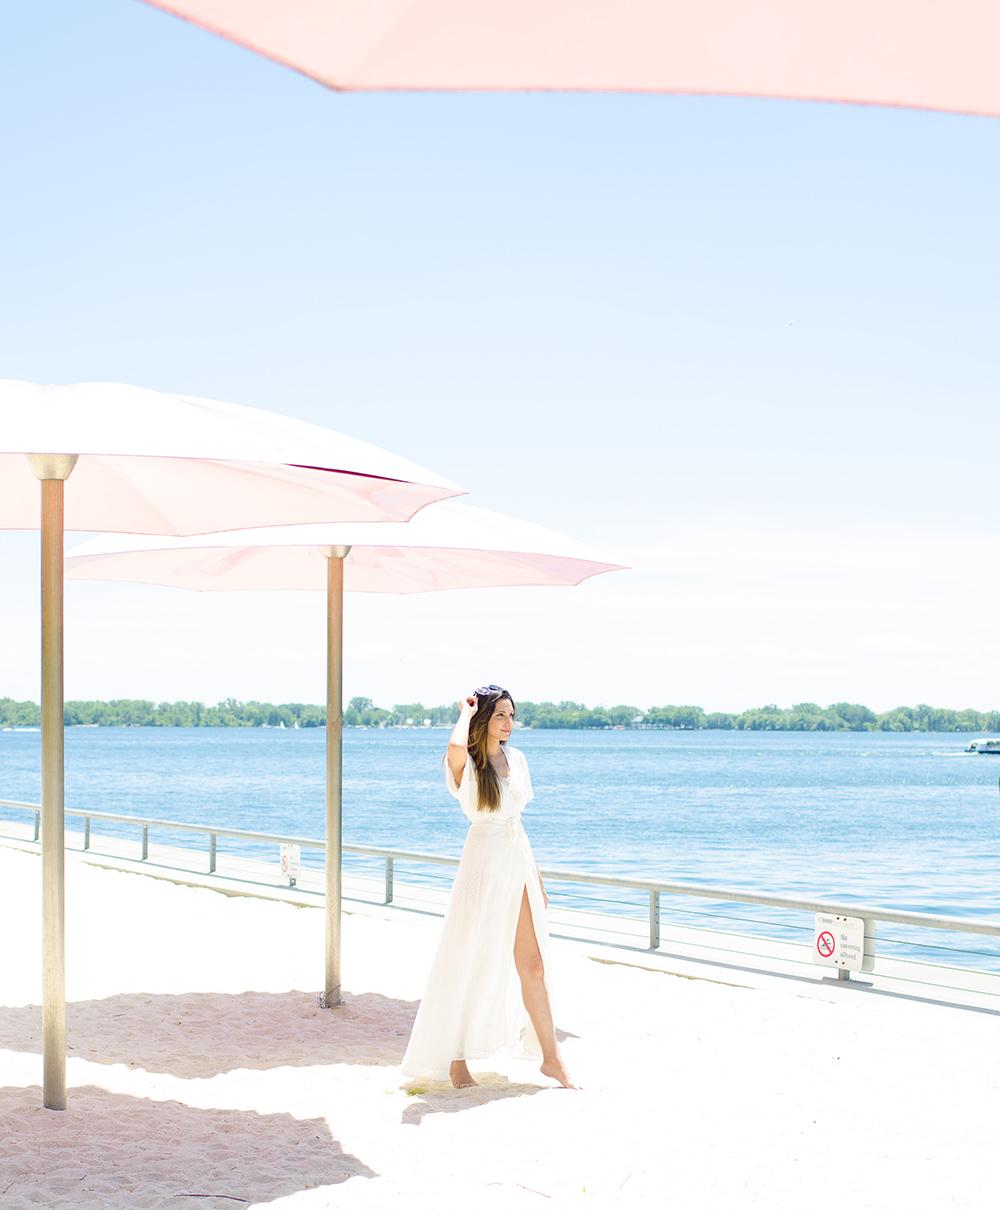 Zara, Zara Beach Cover Up